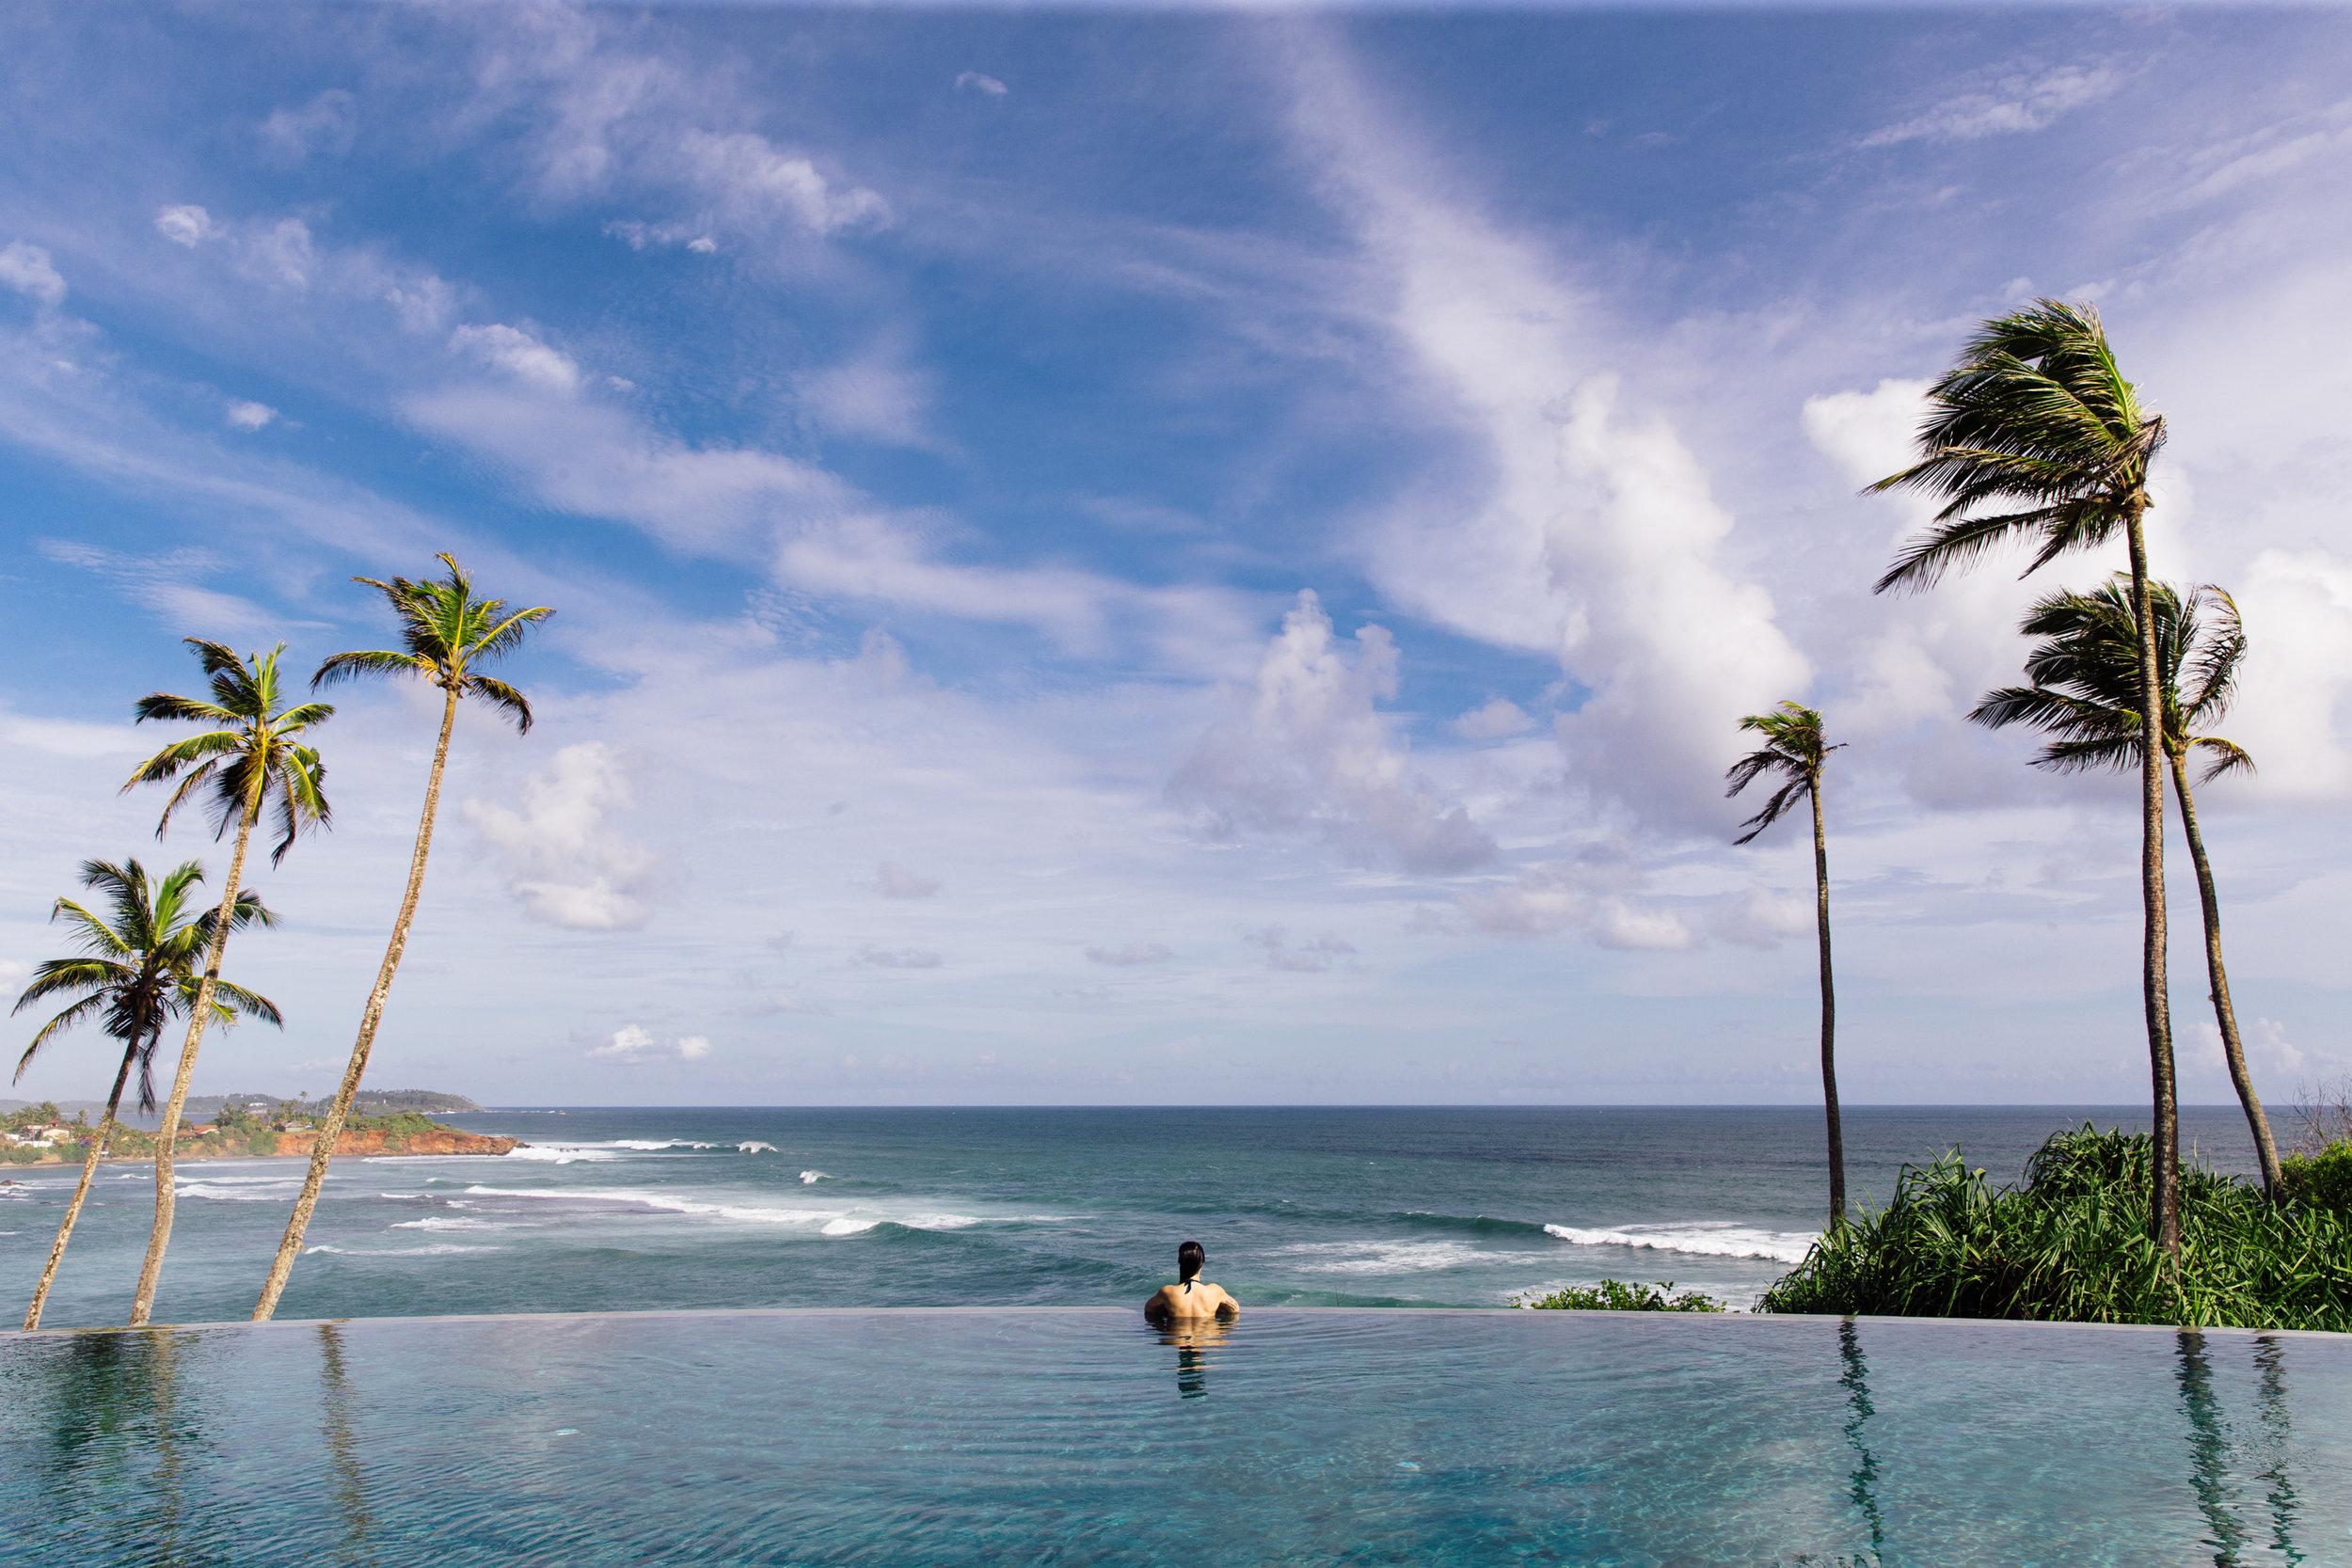 Delicious-SriLanka-PhotosCarolineMcCredie-Hi-250.jpg